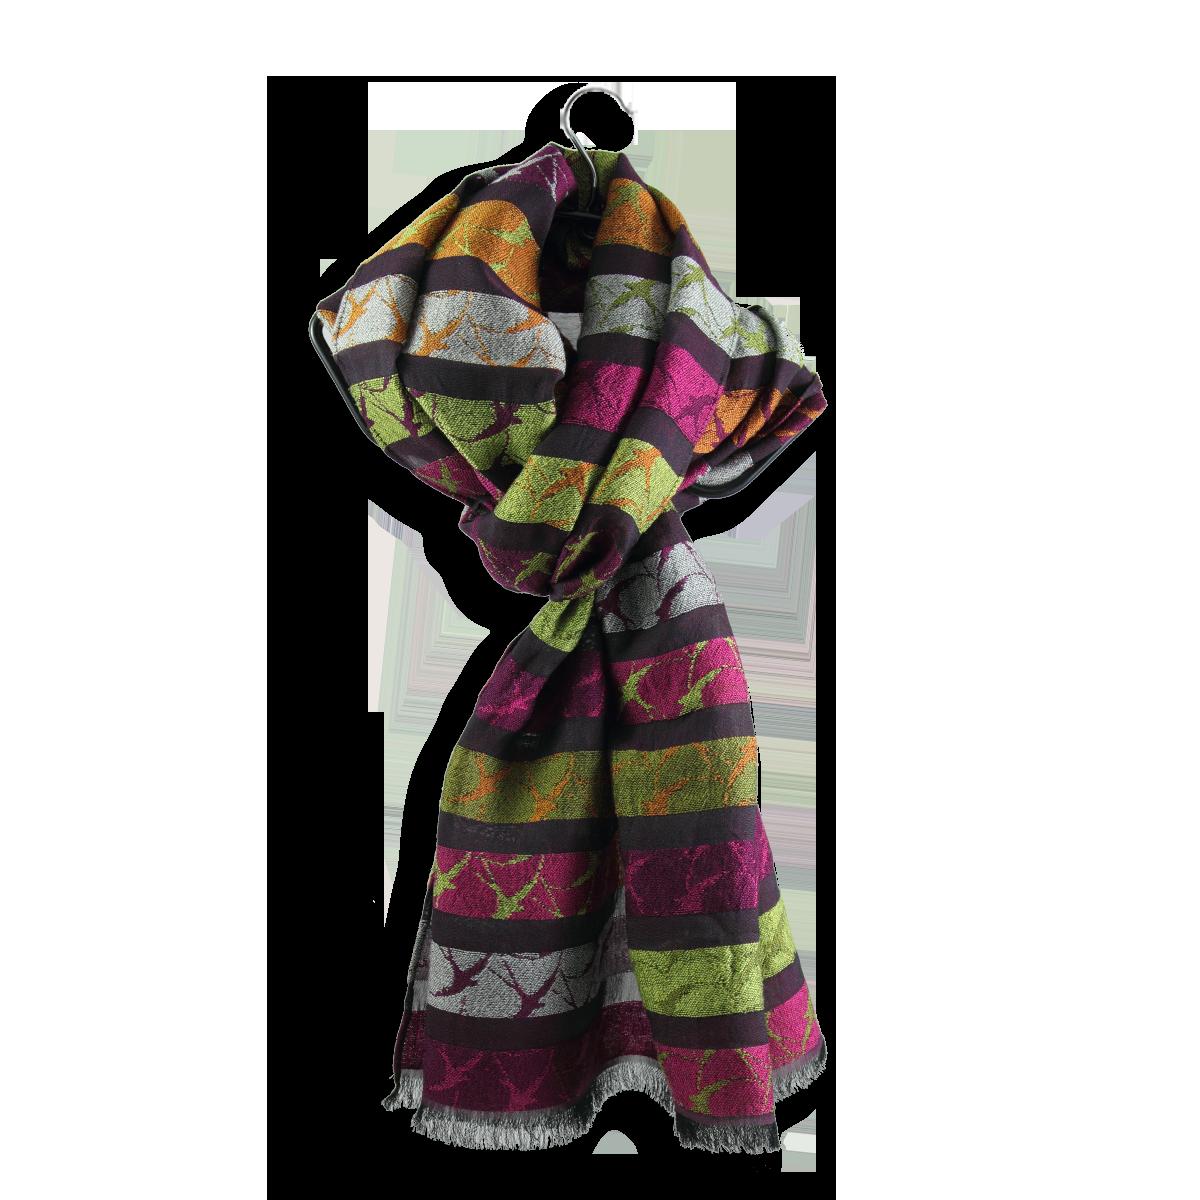 echarpe femme rose fuchsia en laine coton soie motif. Black Bedroom Furniture Sets. Home Design Ideas